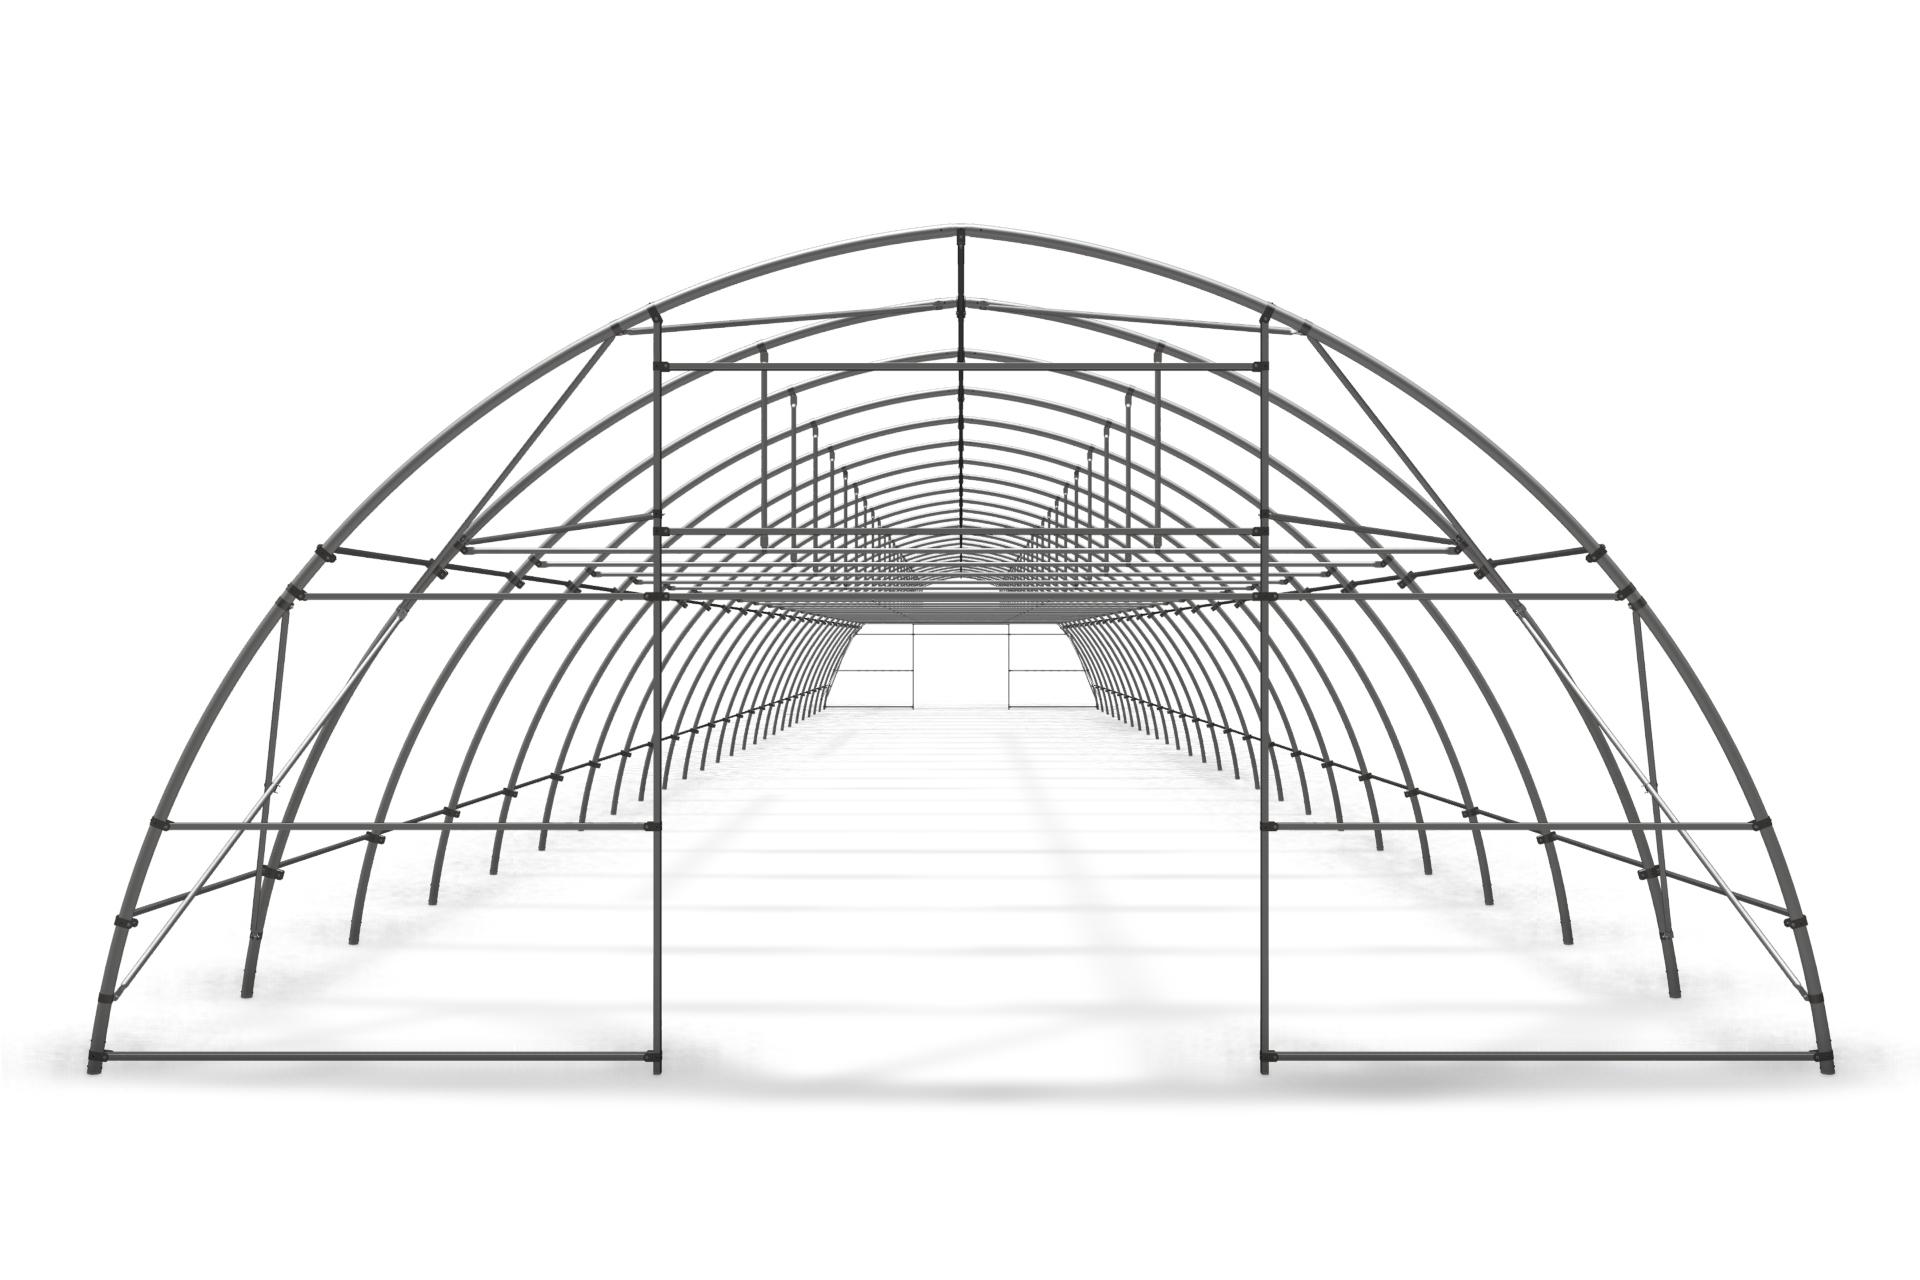 Теплица туннельная арочная 8,0х4,0 м